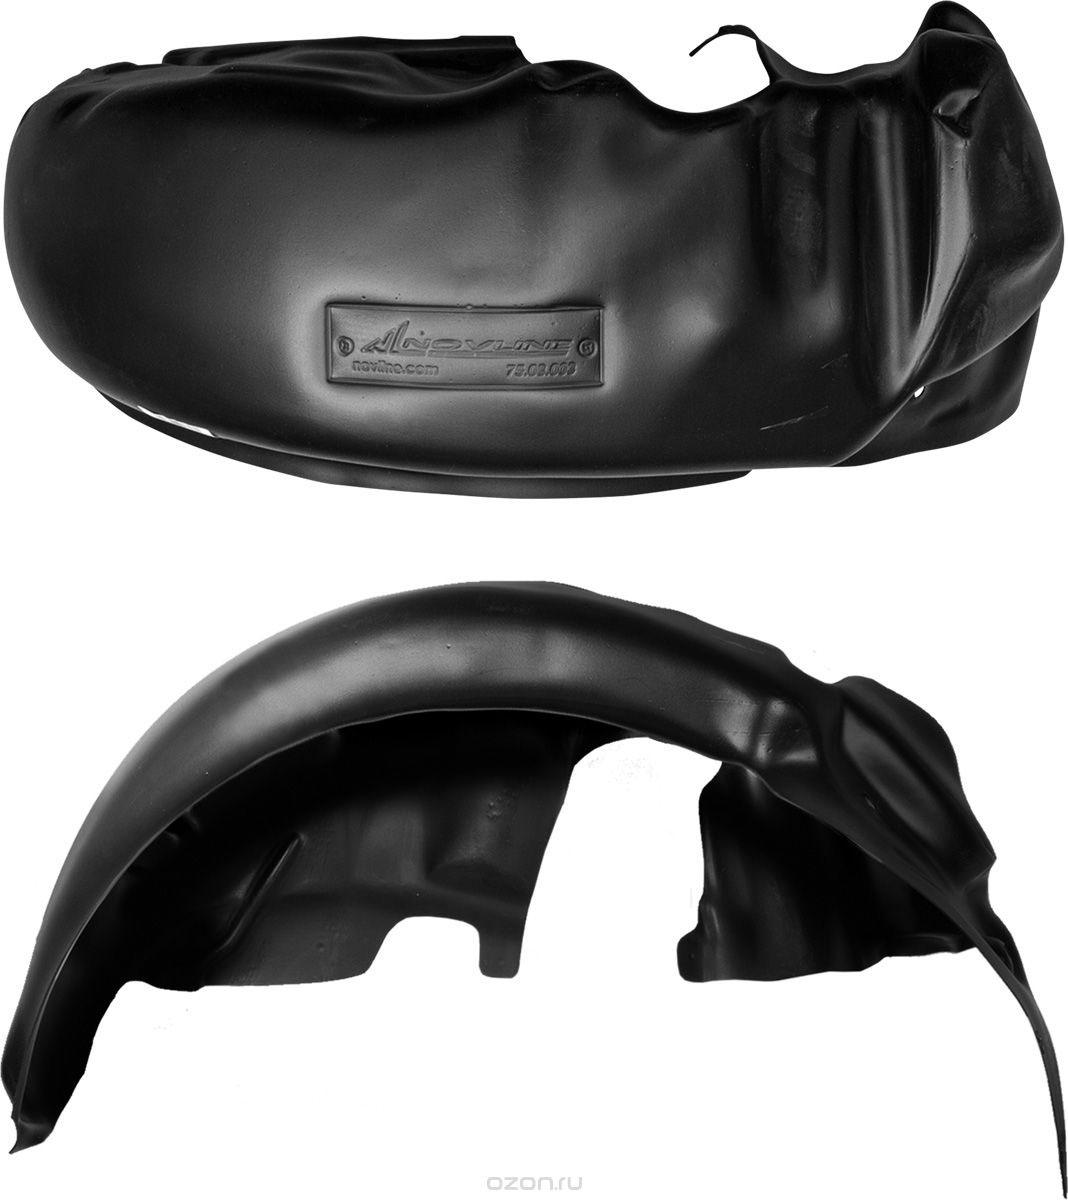 Подкрылок Novline-Autofamily, для HYUNDAI i30, 2012->, задний правыйDAVC150Идеальная защита колесной ниши. Локеры разработаны с применением цифровых технологий, гарантируют максимальную повторяемость поверхности арки. Изделия устанавливаются без нарушения лакокрасочного покрытия автомобиля, каждый подкрылок комплектуется крепежом. Уважаемые клиенты, обращаем ваше внимание, что фотографии на подкрылки универсальные и не отражают реальную форму изделия. При этом само изделие идет точно под размер указанного автомобиля.